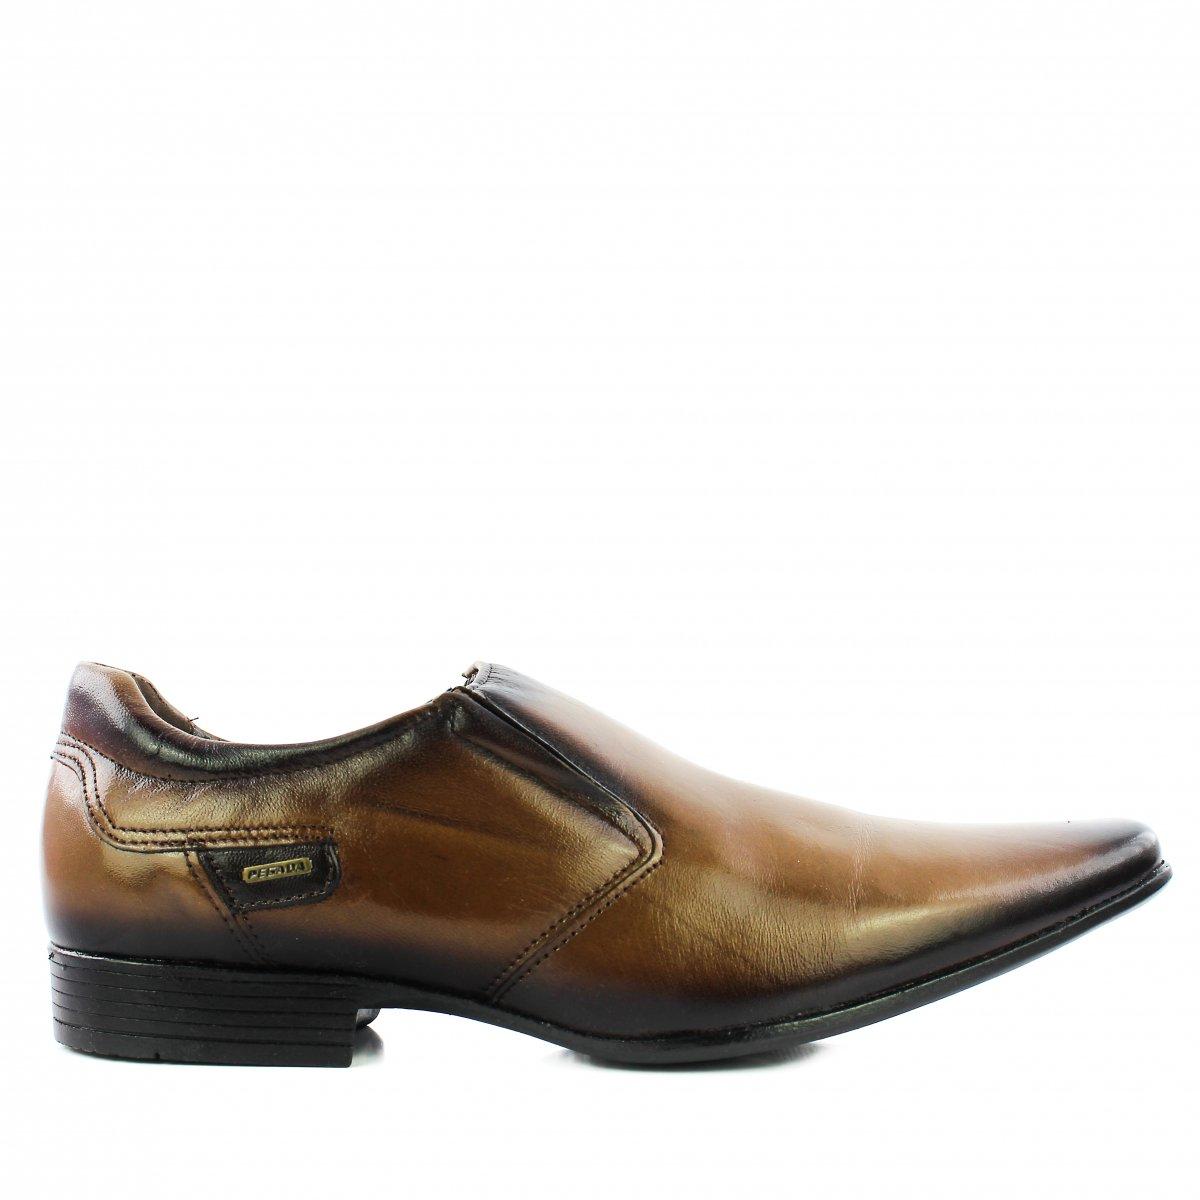 932952b359 Sapato Pegada Masculino 23704-02